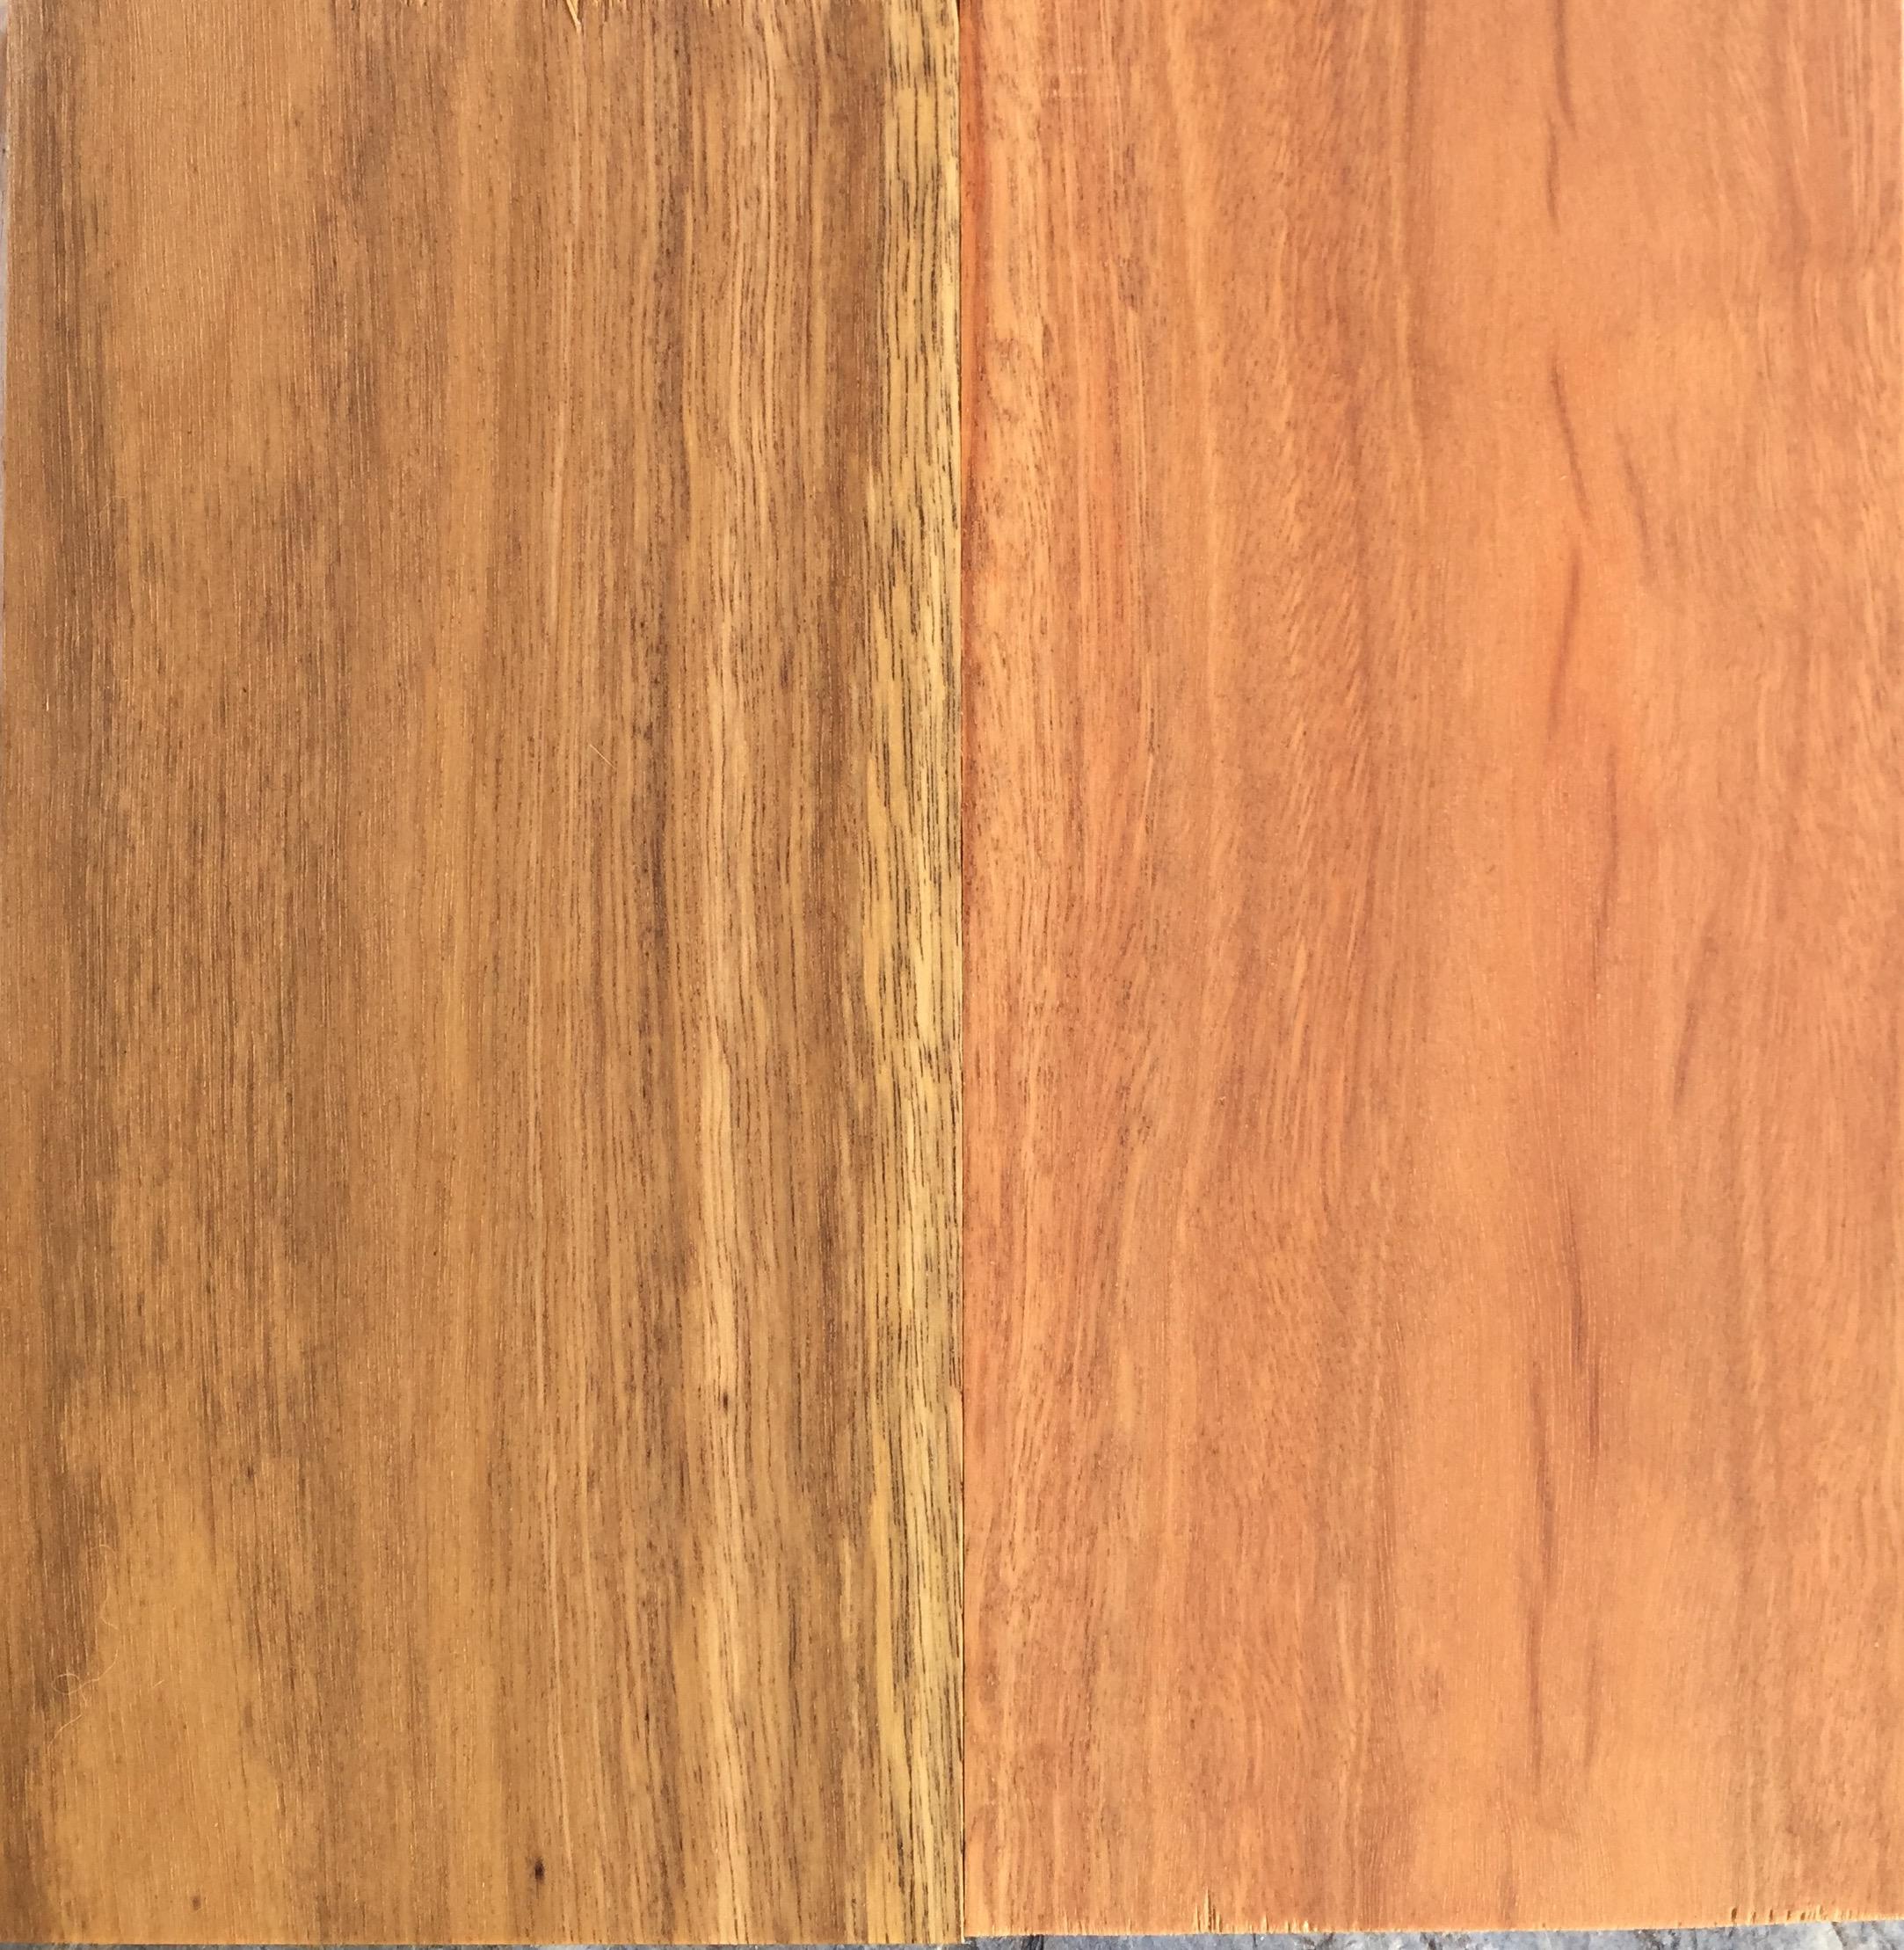 Bleach On Hardwood Floors